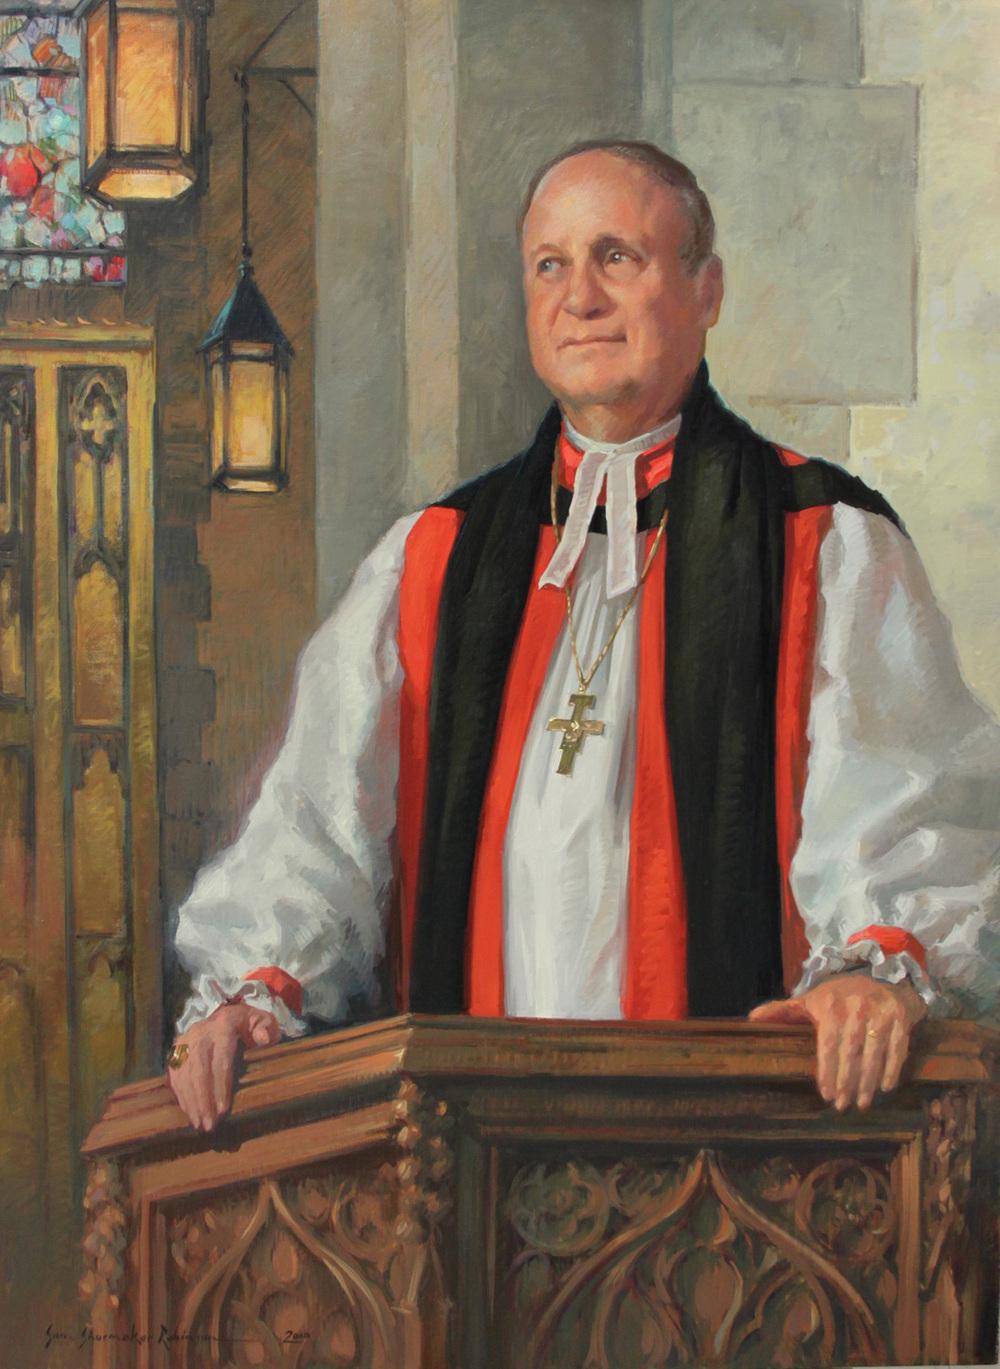 Bishop John Rabb.jpg